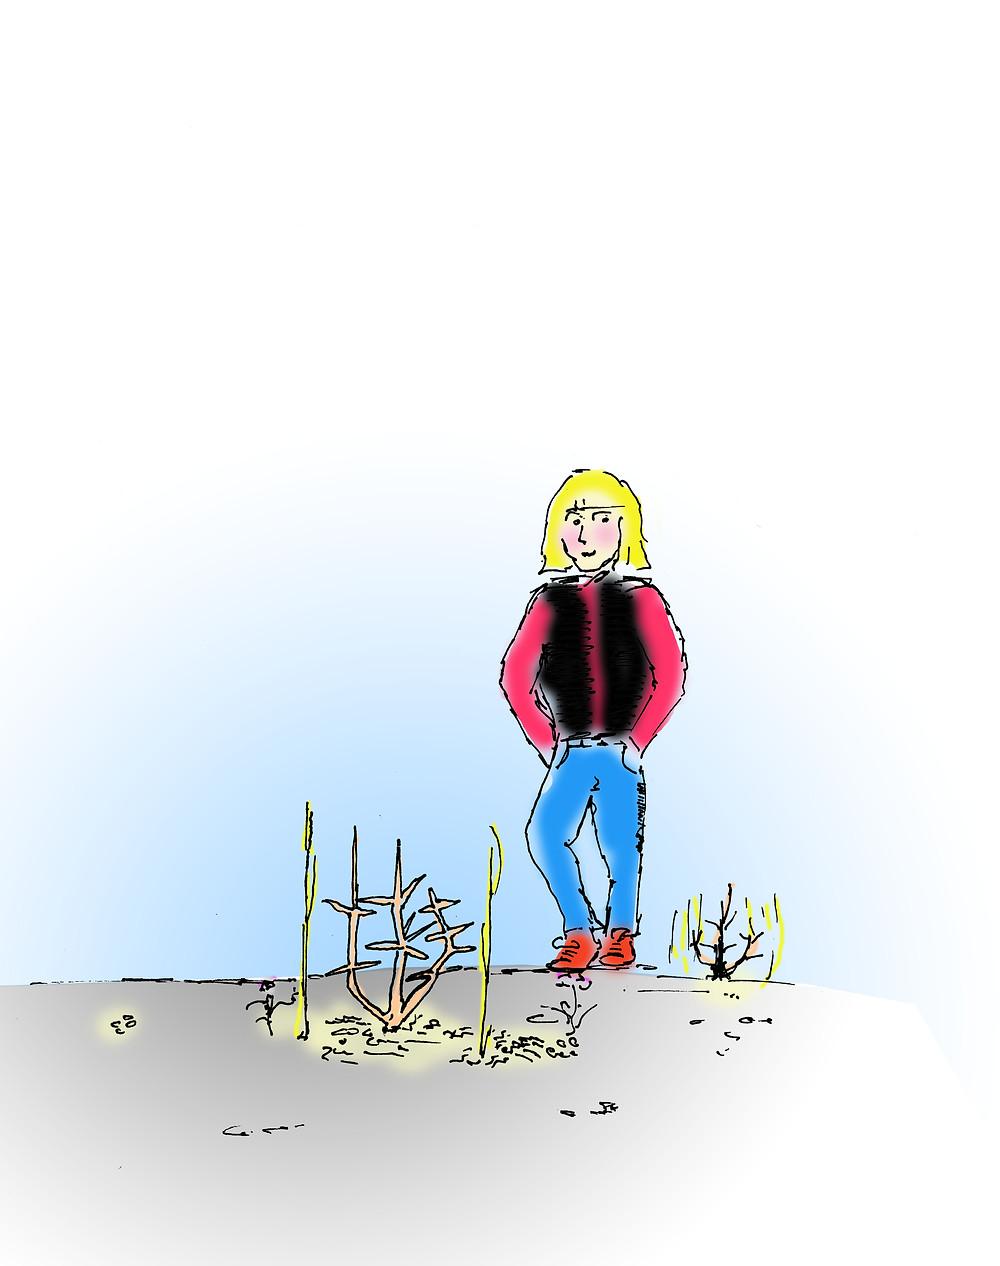 Þegar trén eru lægri en hnéhæð er óæskilegt að klippa trén. Betra er að bíða í ár eða tvö og meta þá stöðina þar sem enn er hætta á t.d. næturfrostum við svörðinn.